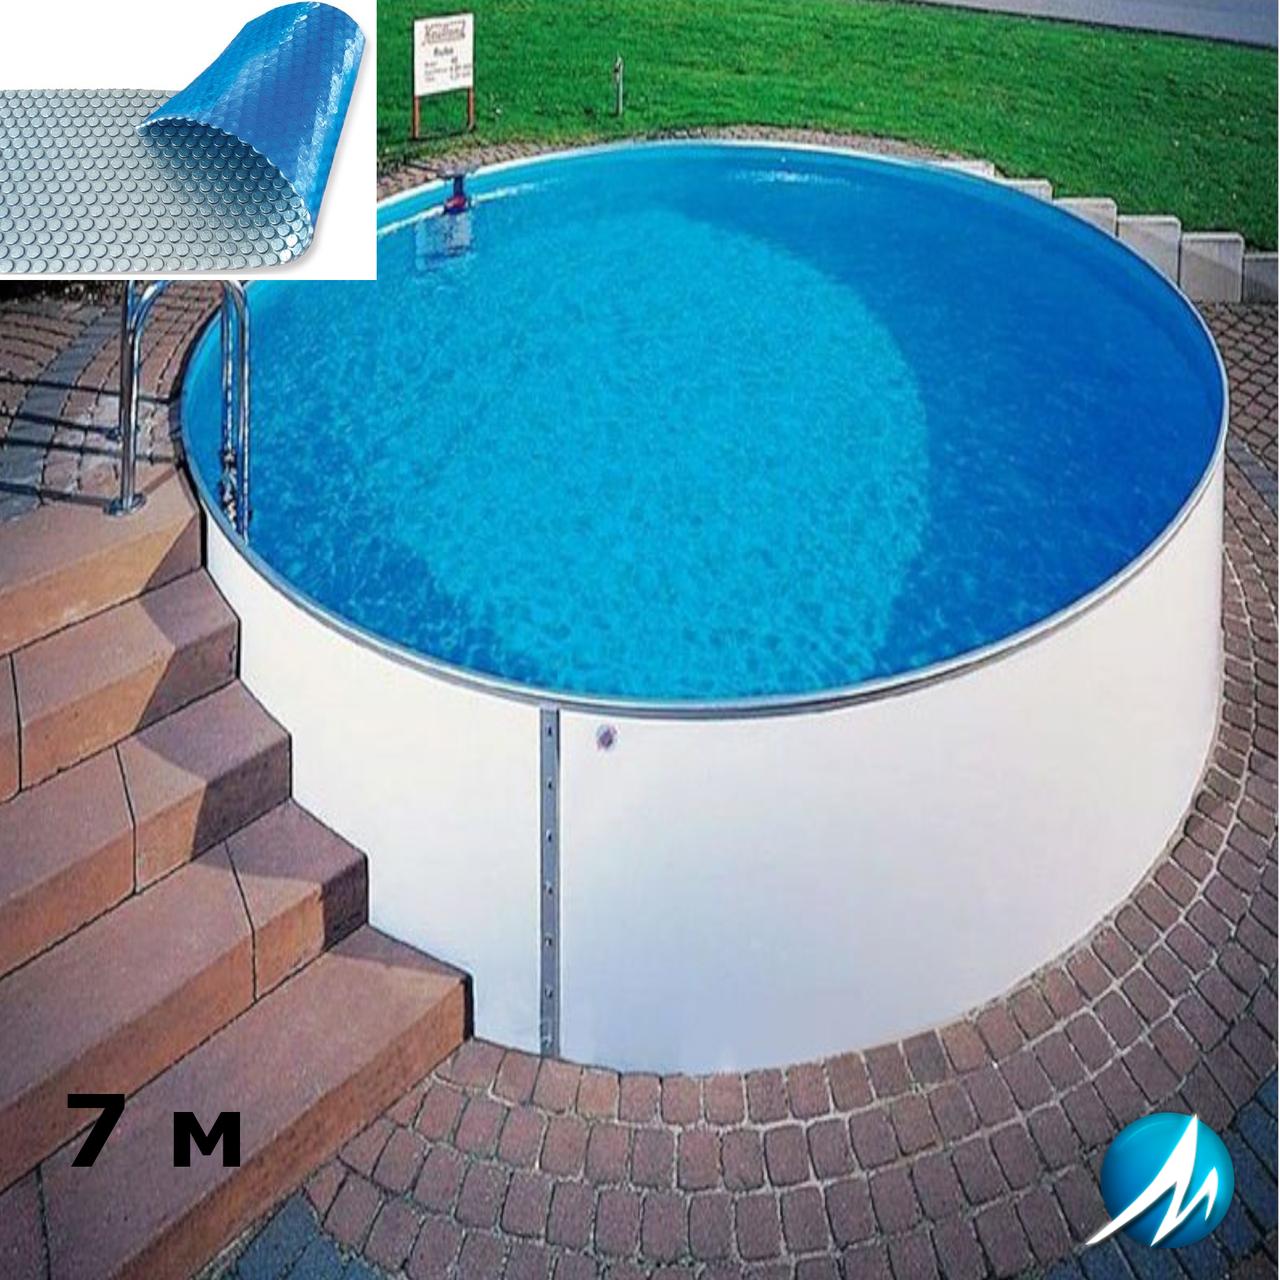 Солярне накриття для зборного крулого басейну 7 м